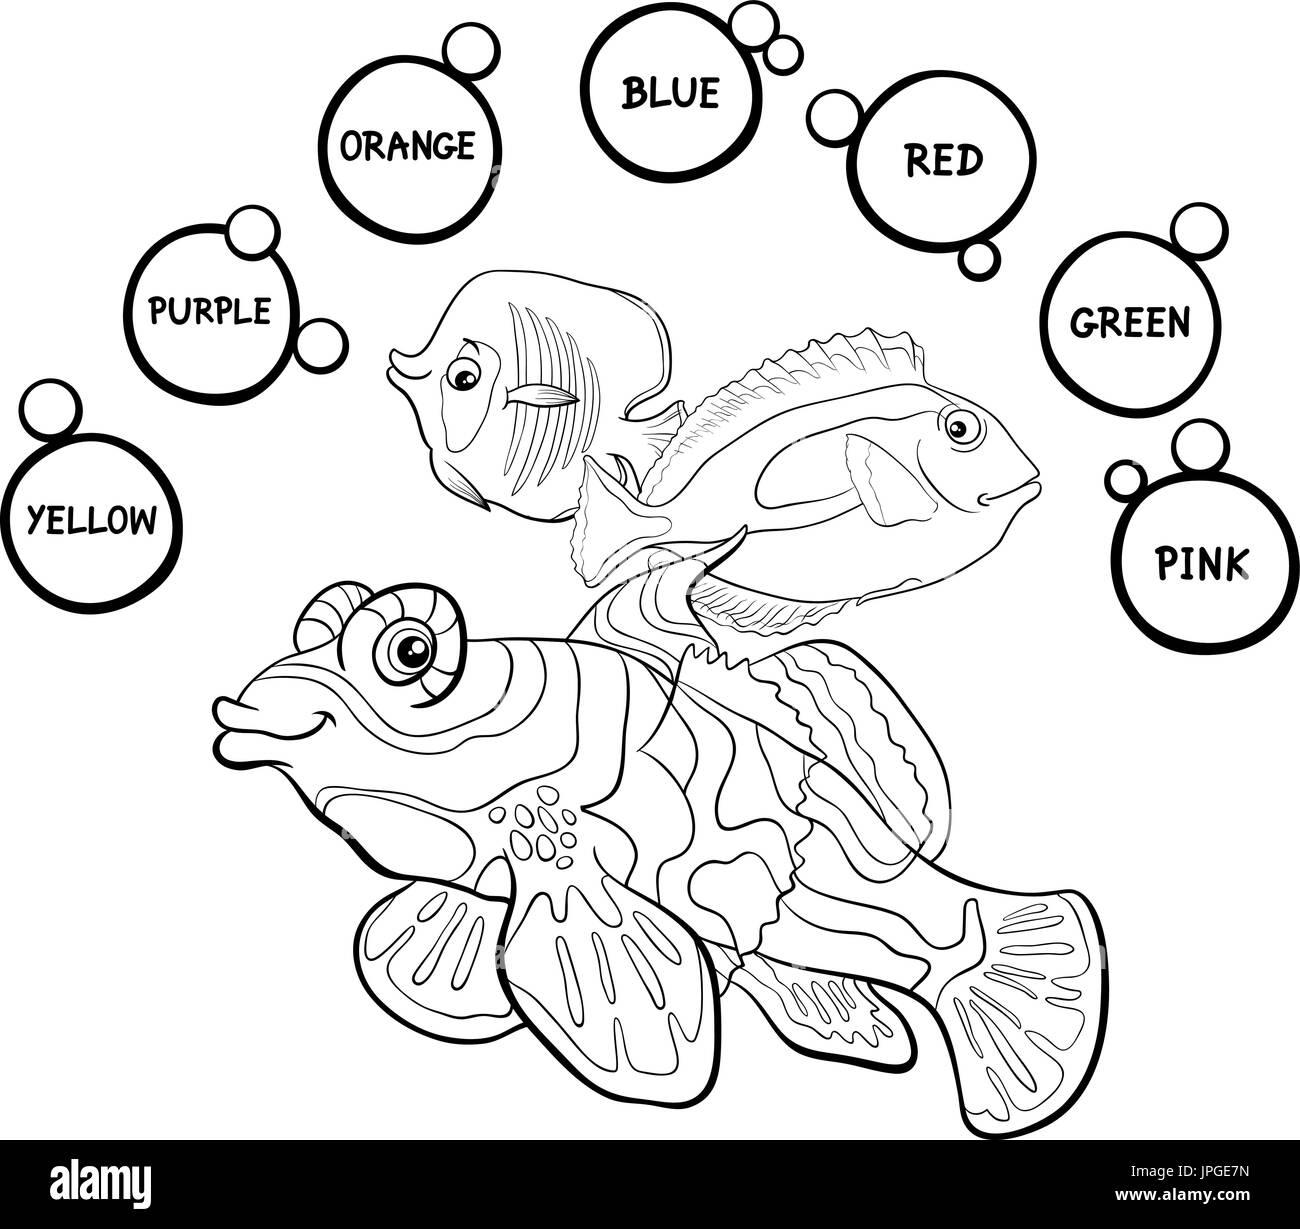 Ilustración caricatura en blanco y negro de Colores básicos ...